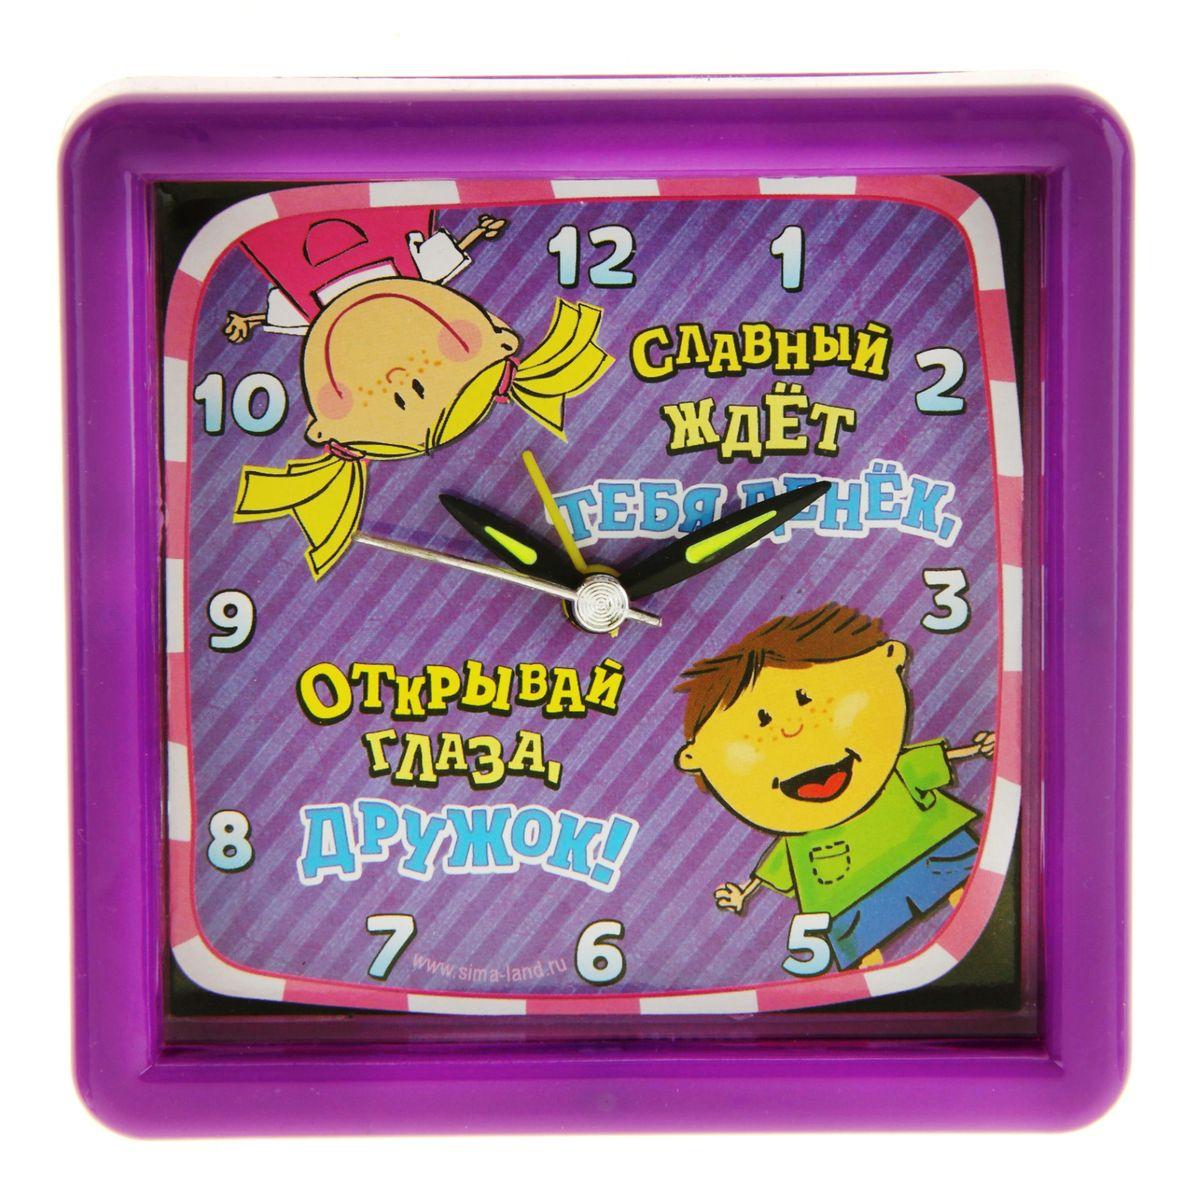 Часы-будильник Sima-land Славный ждет тебя денек845893Как же сложно иногда вставать вовремя! Всегда так хочется поспать еще хотя бы 5 минут и бывает, что мы просыпаем. Теперь этого не случится! Яркий, оригинальный будильник Sima-land Славный ждет тебя денек поможет вам всегда вставать в нужное время и успевать везде и всюду.Корпус будильника выполнен из пластика. Циферблат оформлен изображением веселых ребят и надписью: Славный ждет тебя денек, открывай глаза, дружок!. Часы снабжены 4 стрелками (секундная, минутная, часовая и для будильника), часовая и минутная стрелки покрыты люминесцентным раствором, светящимся в темноте. На задней панели будильника расположен переключатель включения/выключения механизма, а также два колесика для настройки текущего времени и времени звонка будильника.Такие часы прекрасно подойдут для детской комнаты, они сделают интерьер более насыщенным и выразительным. Пользоваться будильником очень легко: нужно всего лишь поставить батарейку, настроить точное время и установить время звонка. Необходимо докупить 1 батарейку типа АА (не входит в комплект).